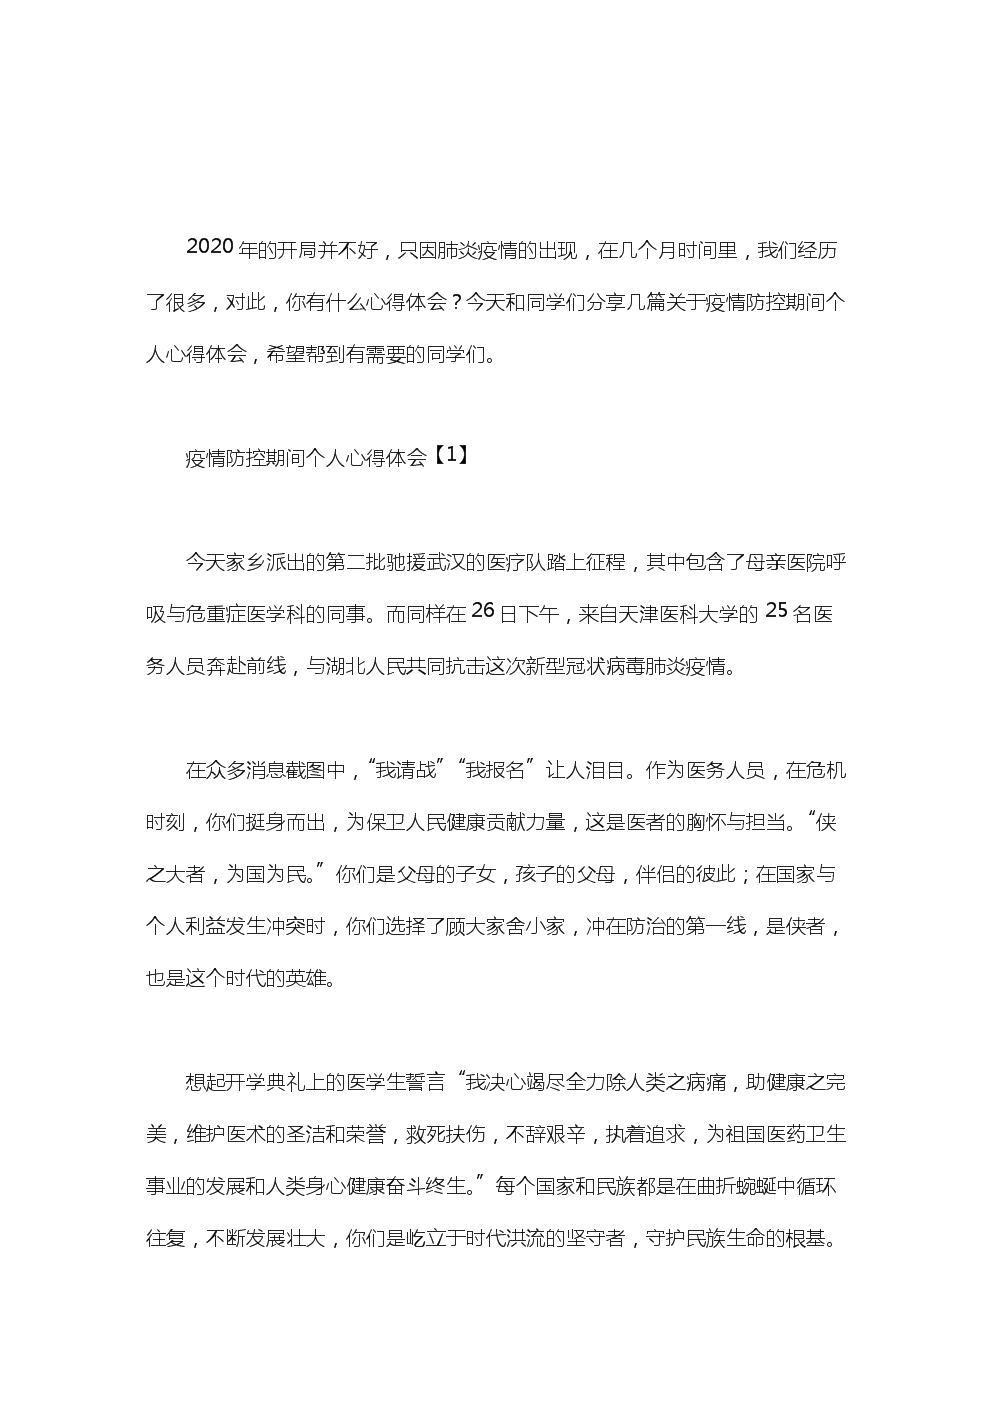 疫情防控期间个人心得体会.doc